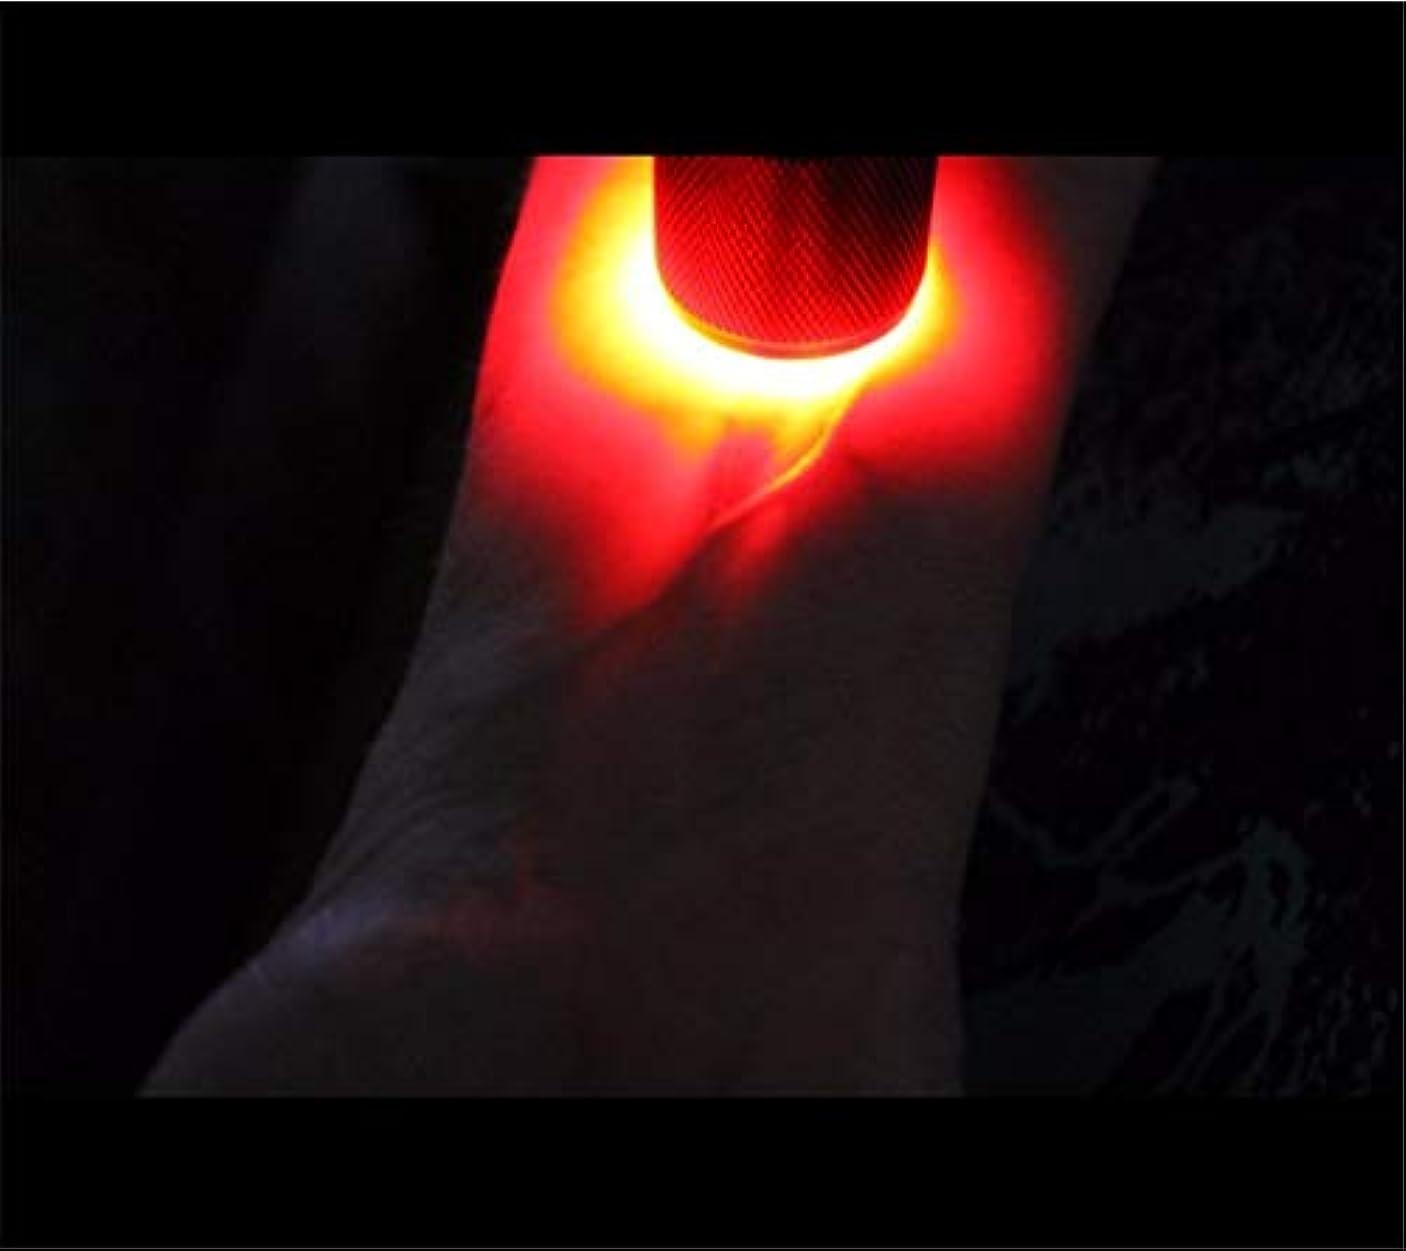 起点成分ライフル静脈イメージング懐中電灯血管ディスプレイ懐中電灯手穿刺による血管ライトの確認皮下静脈デバイスの発見が容易